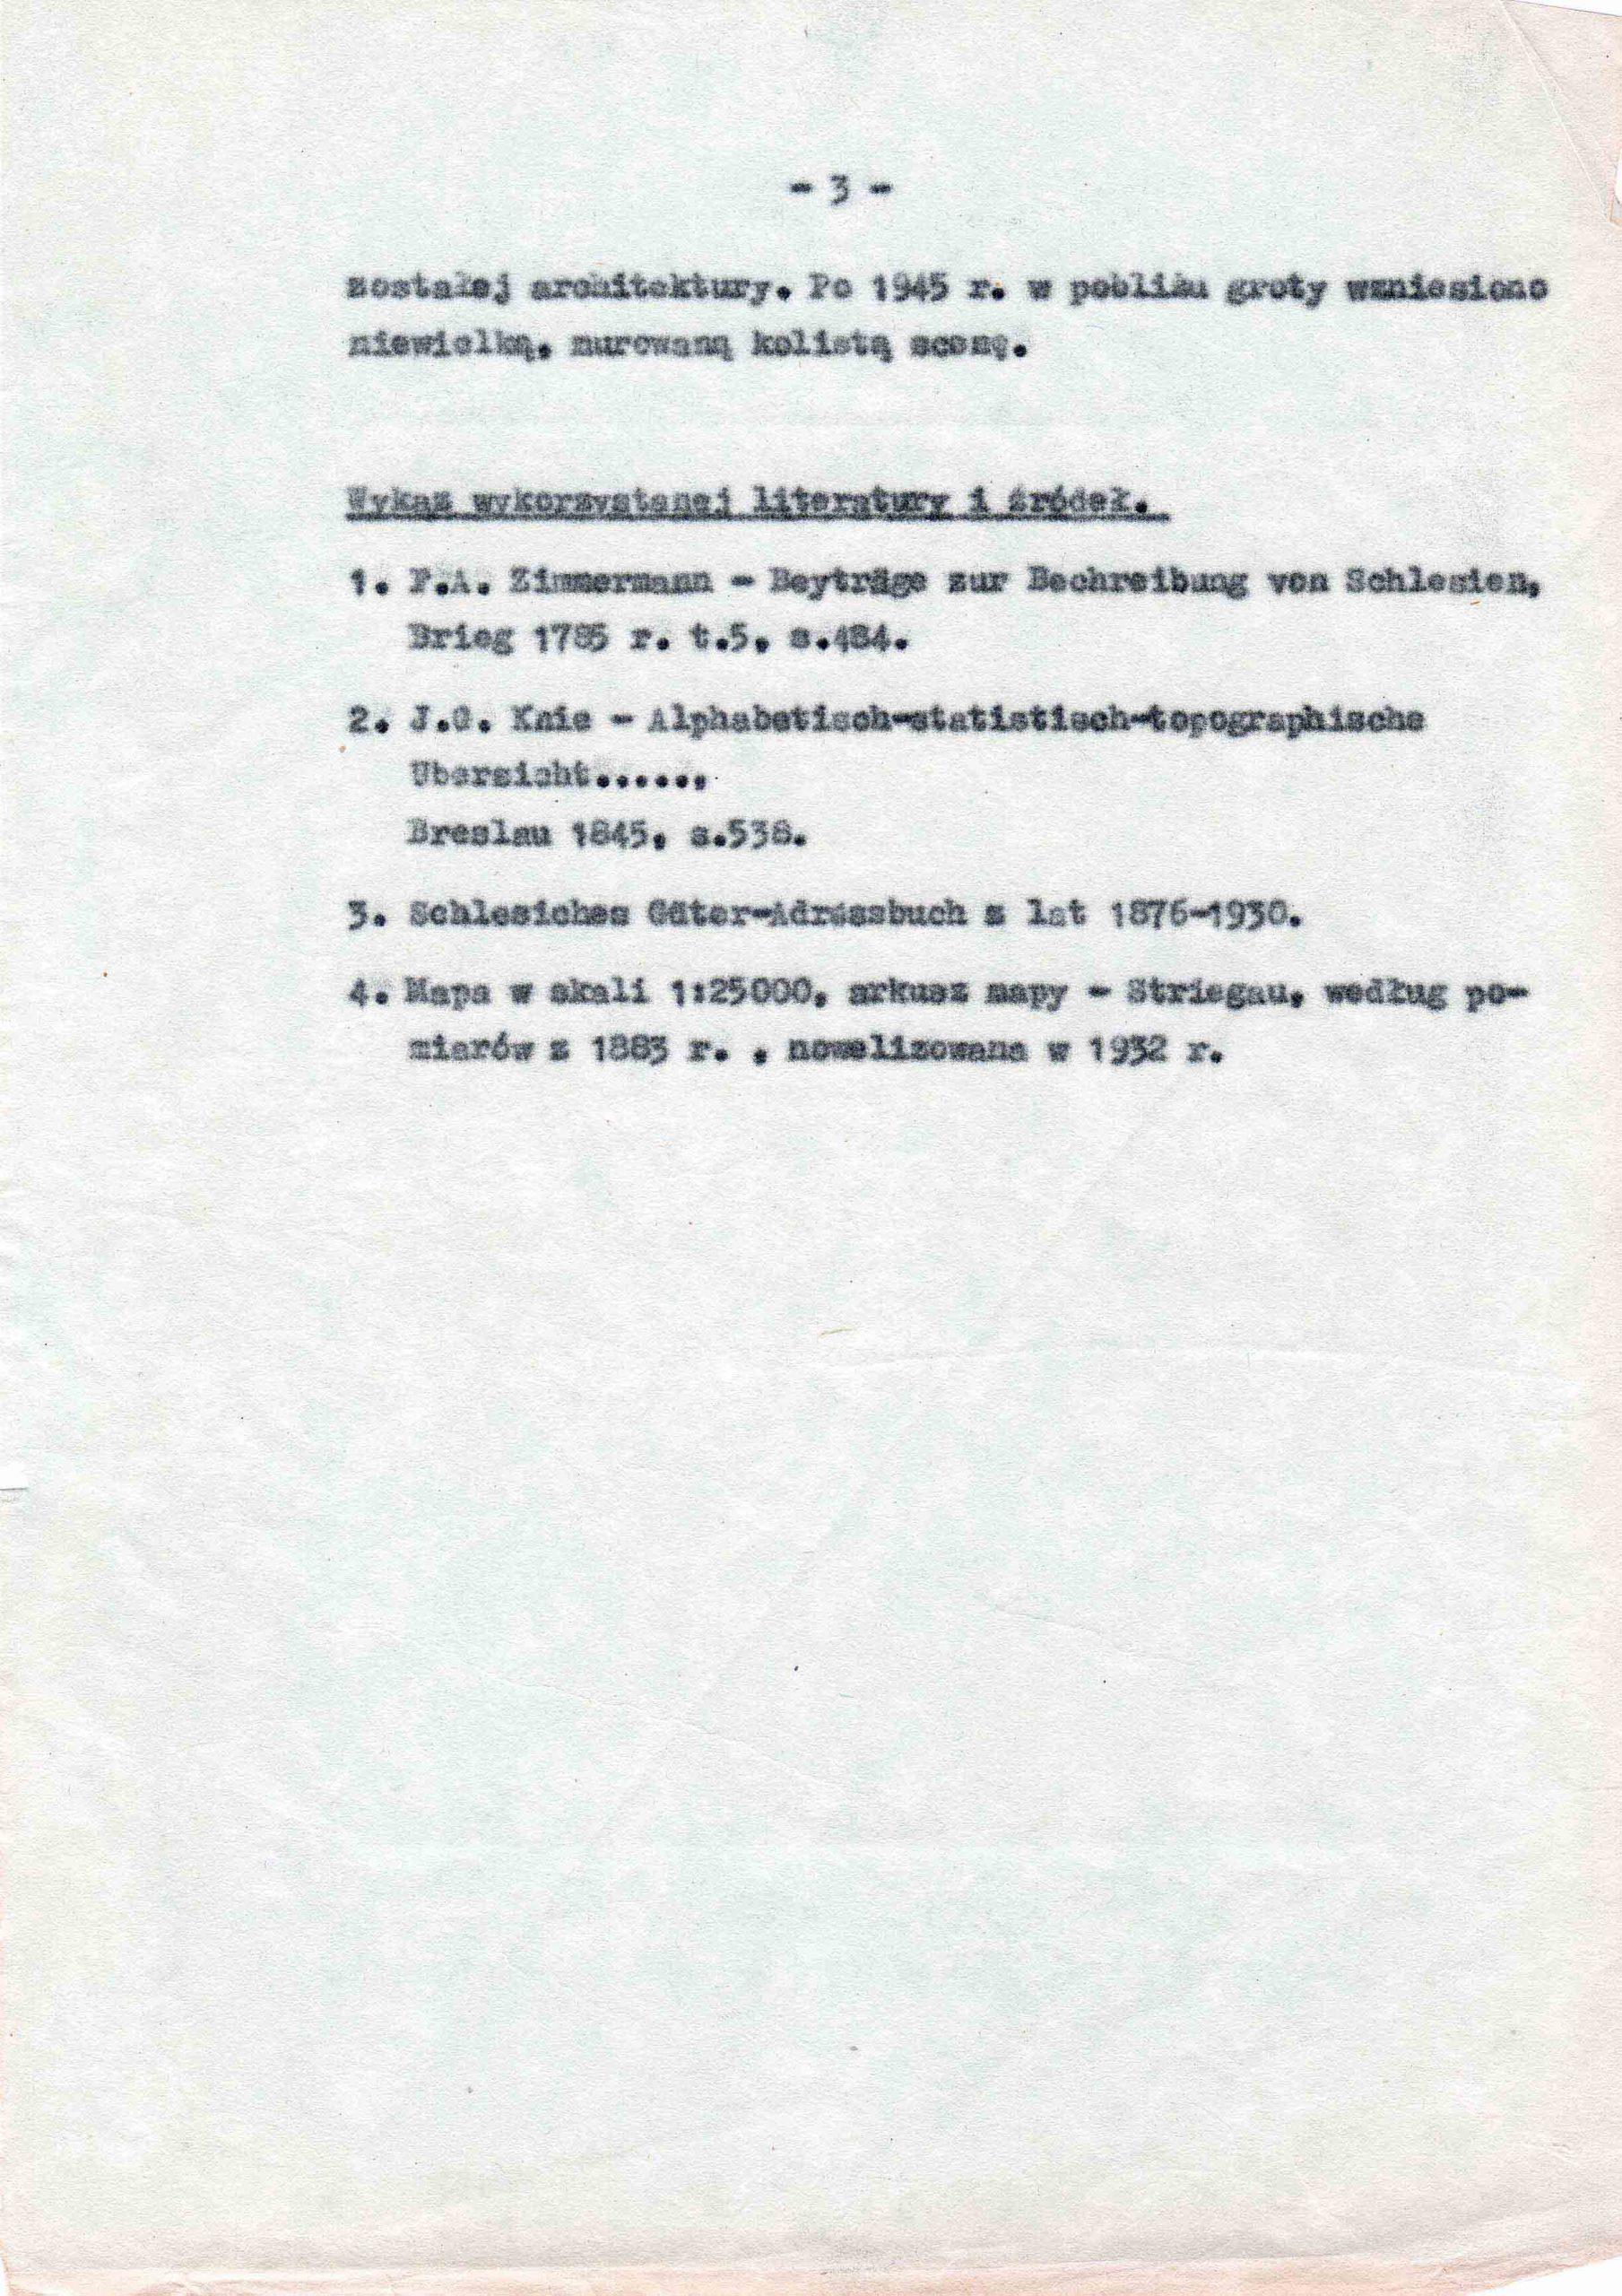 Ewidencja założenia ogrodowo-parkowego 1987 dokument (6)